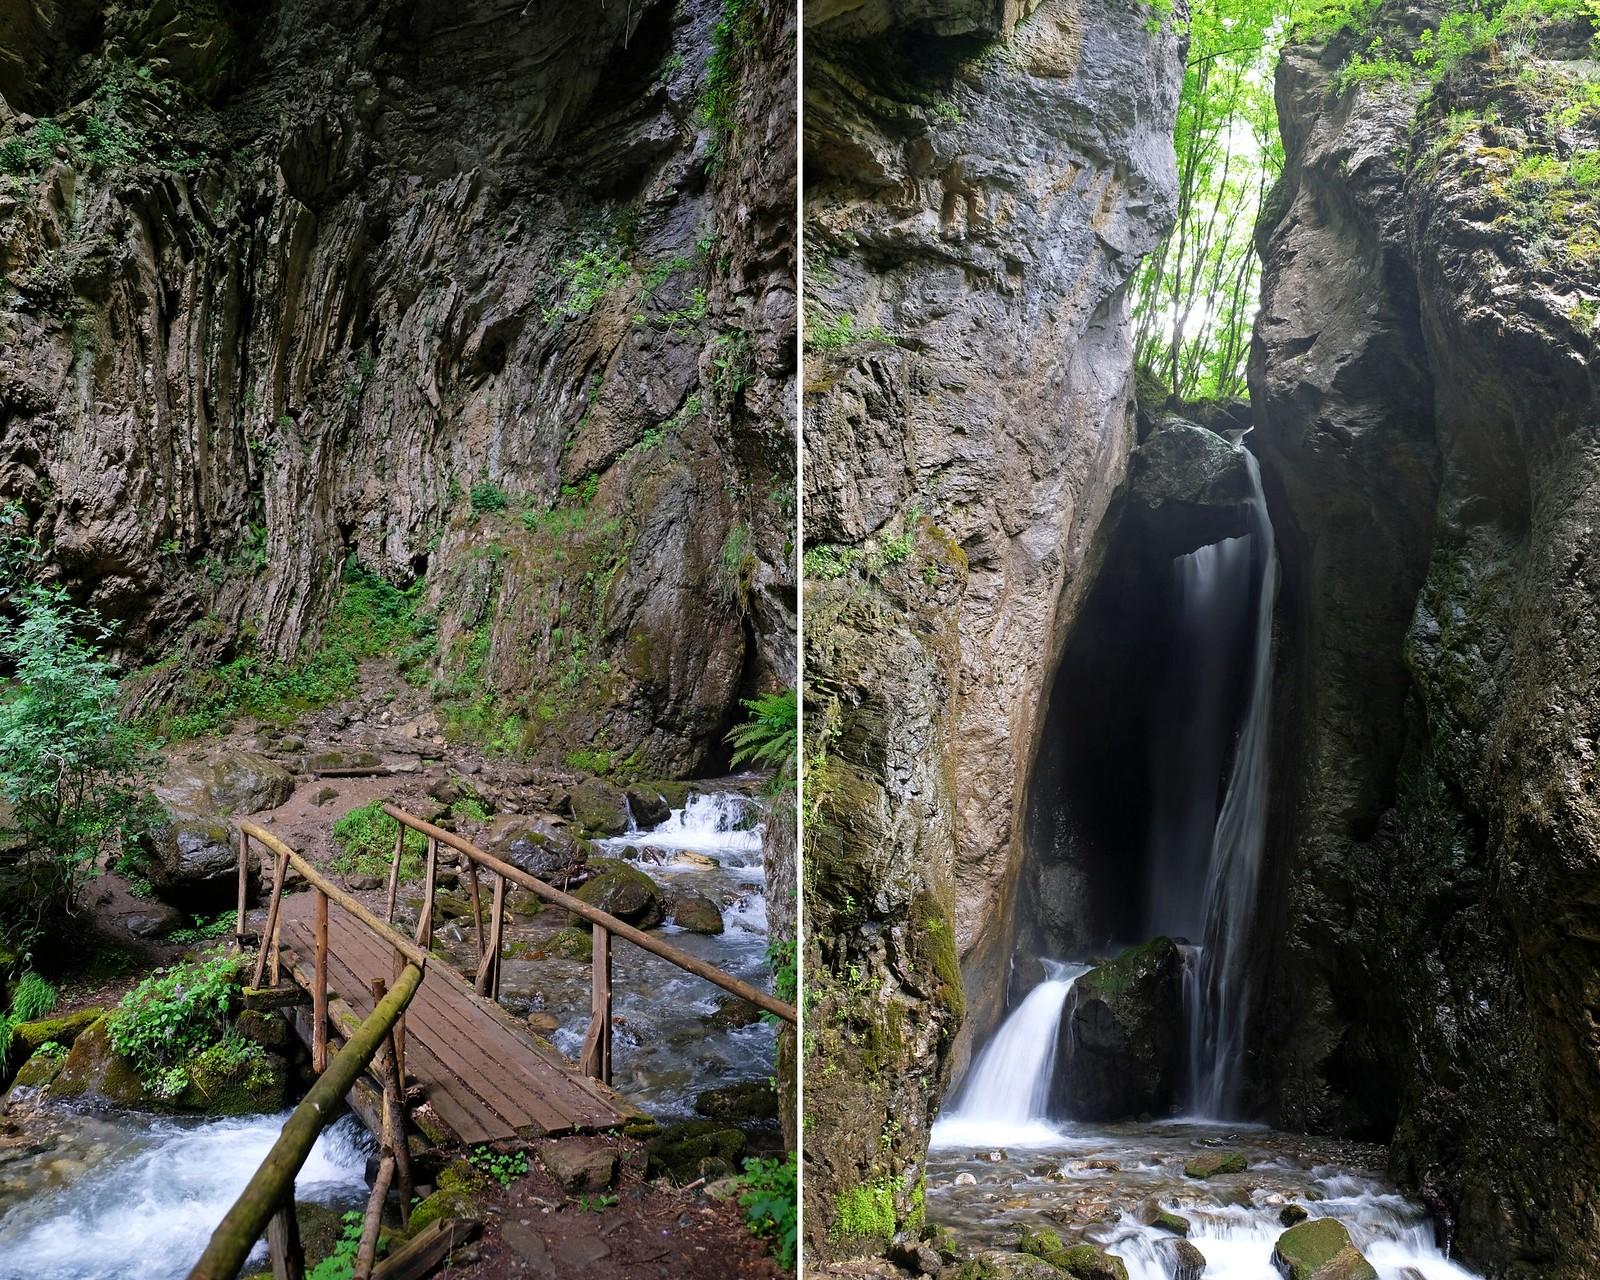 Duf waterfall, North Macedonia